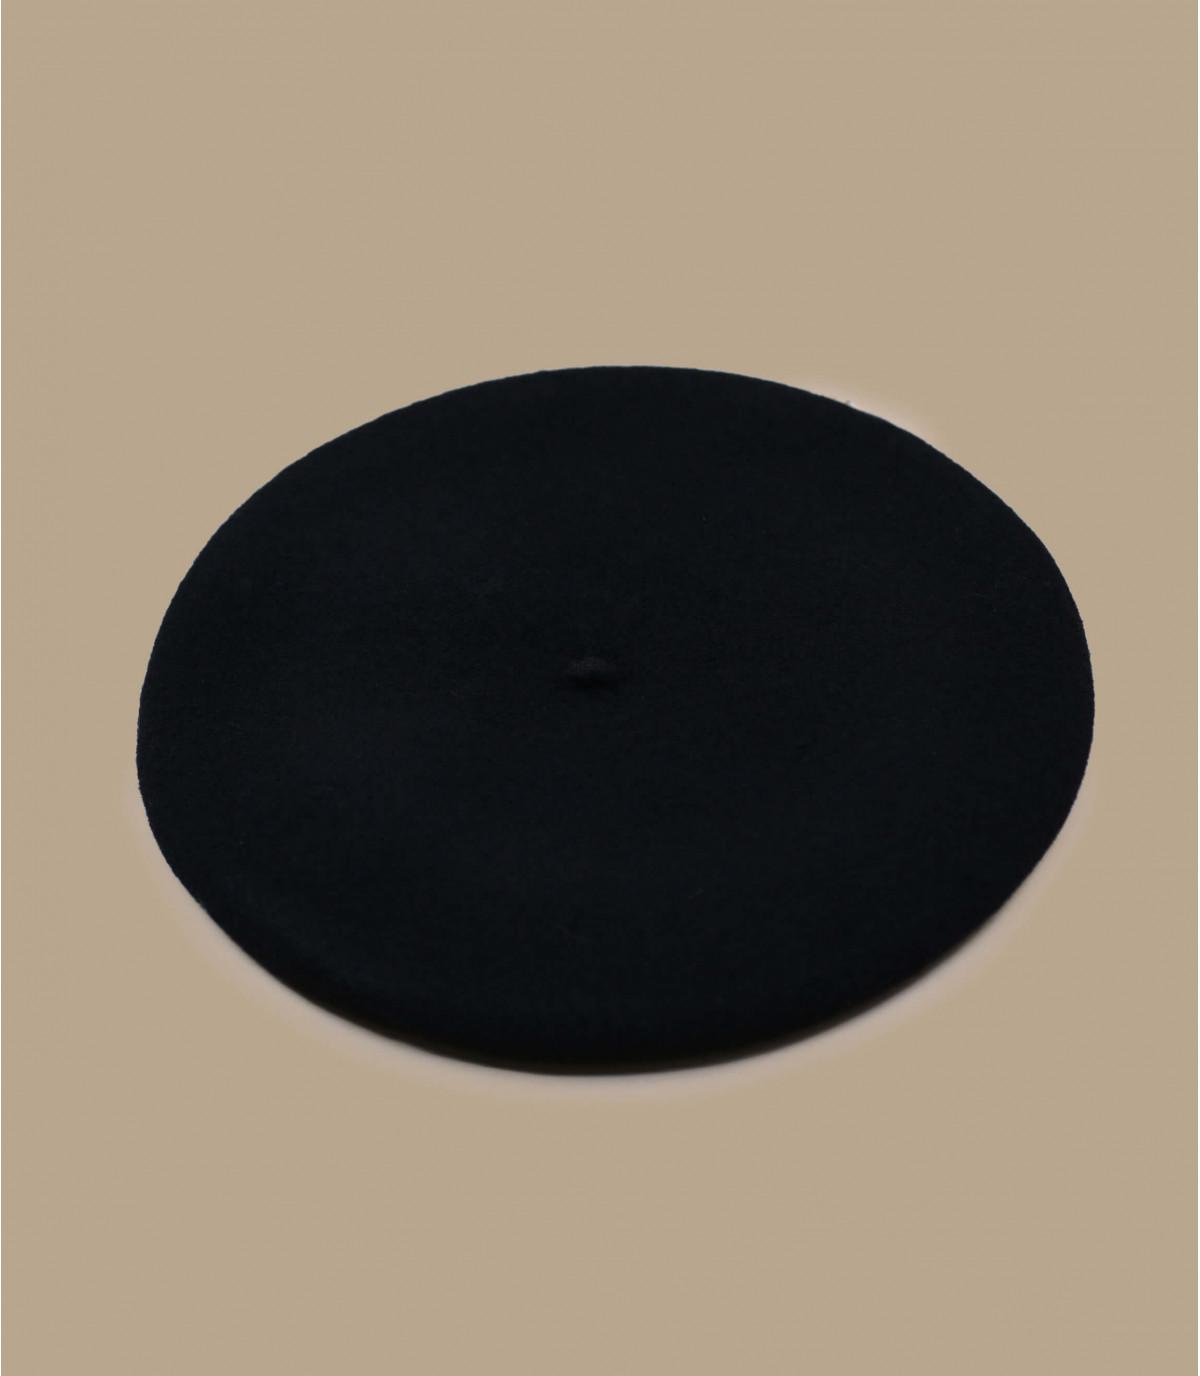 b ret noir femme beret paris noir par laulhere headict